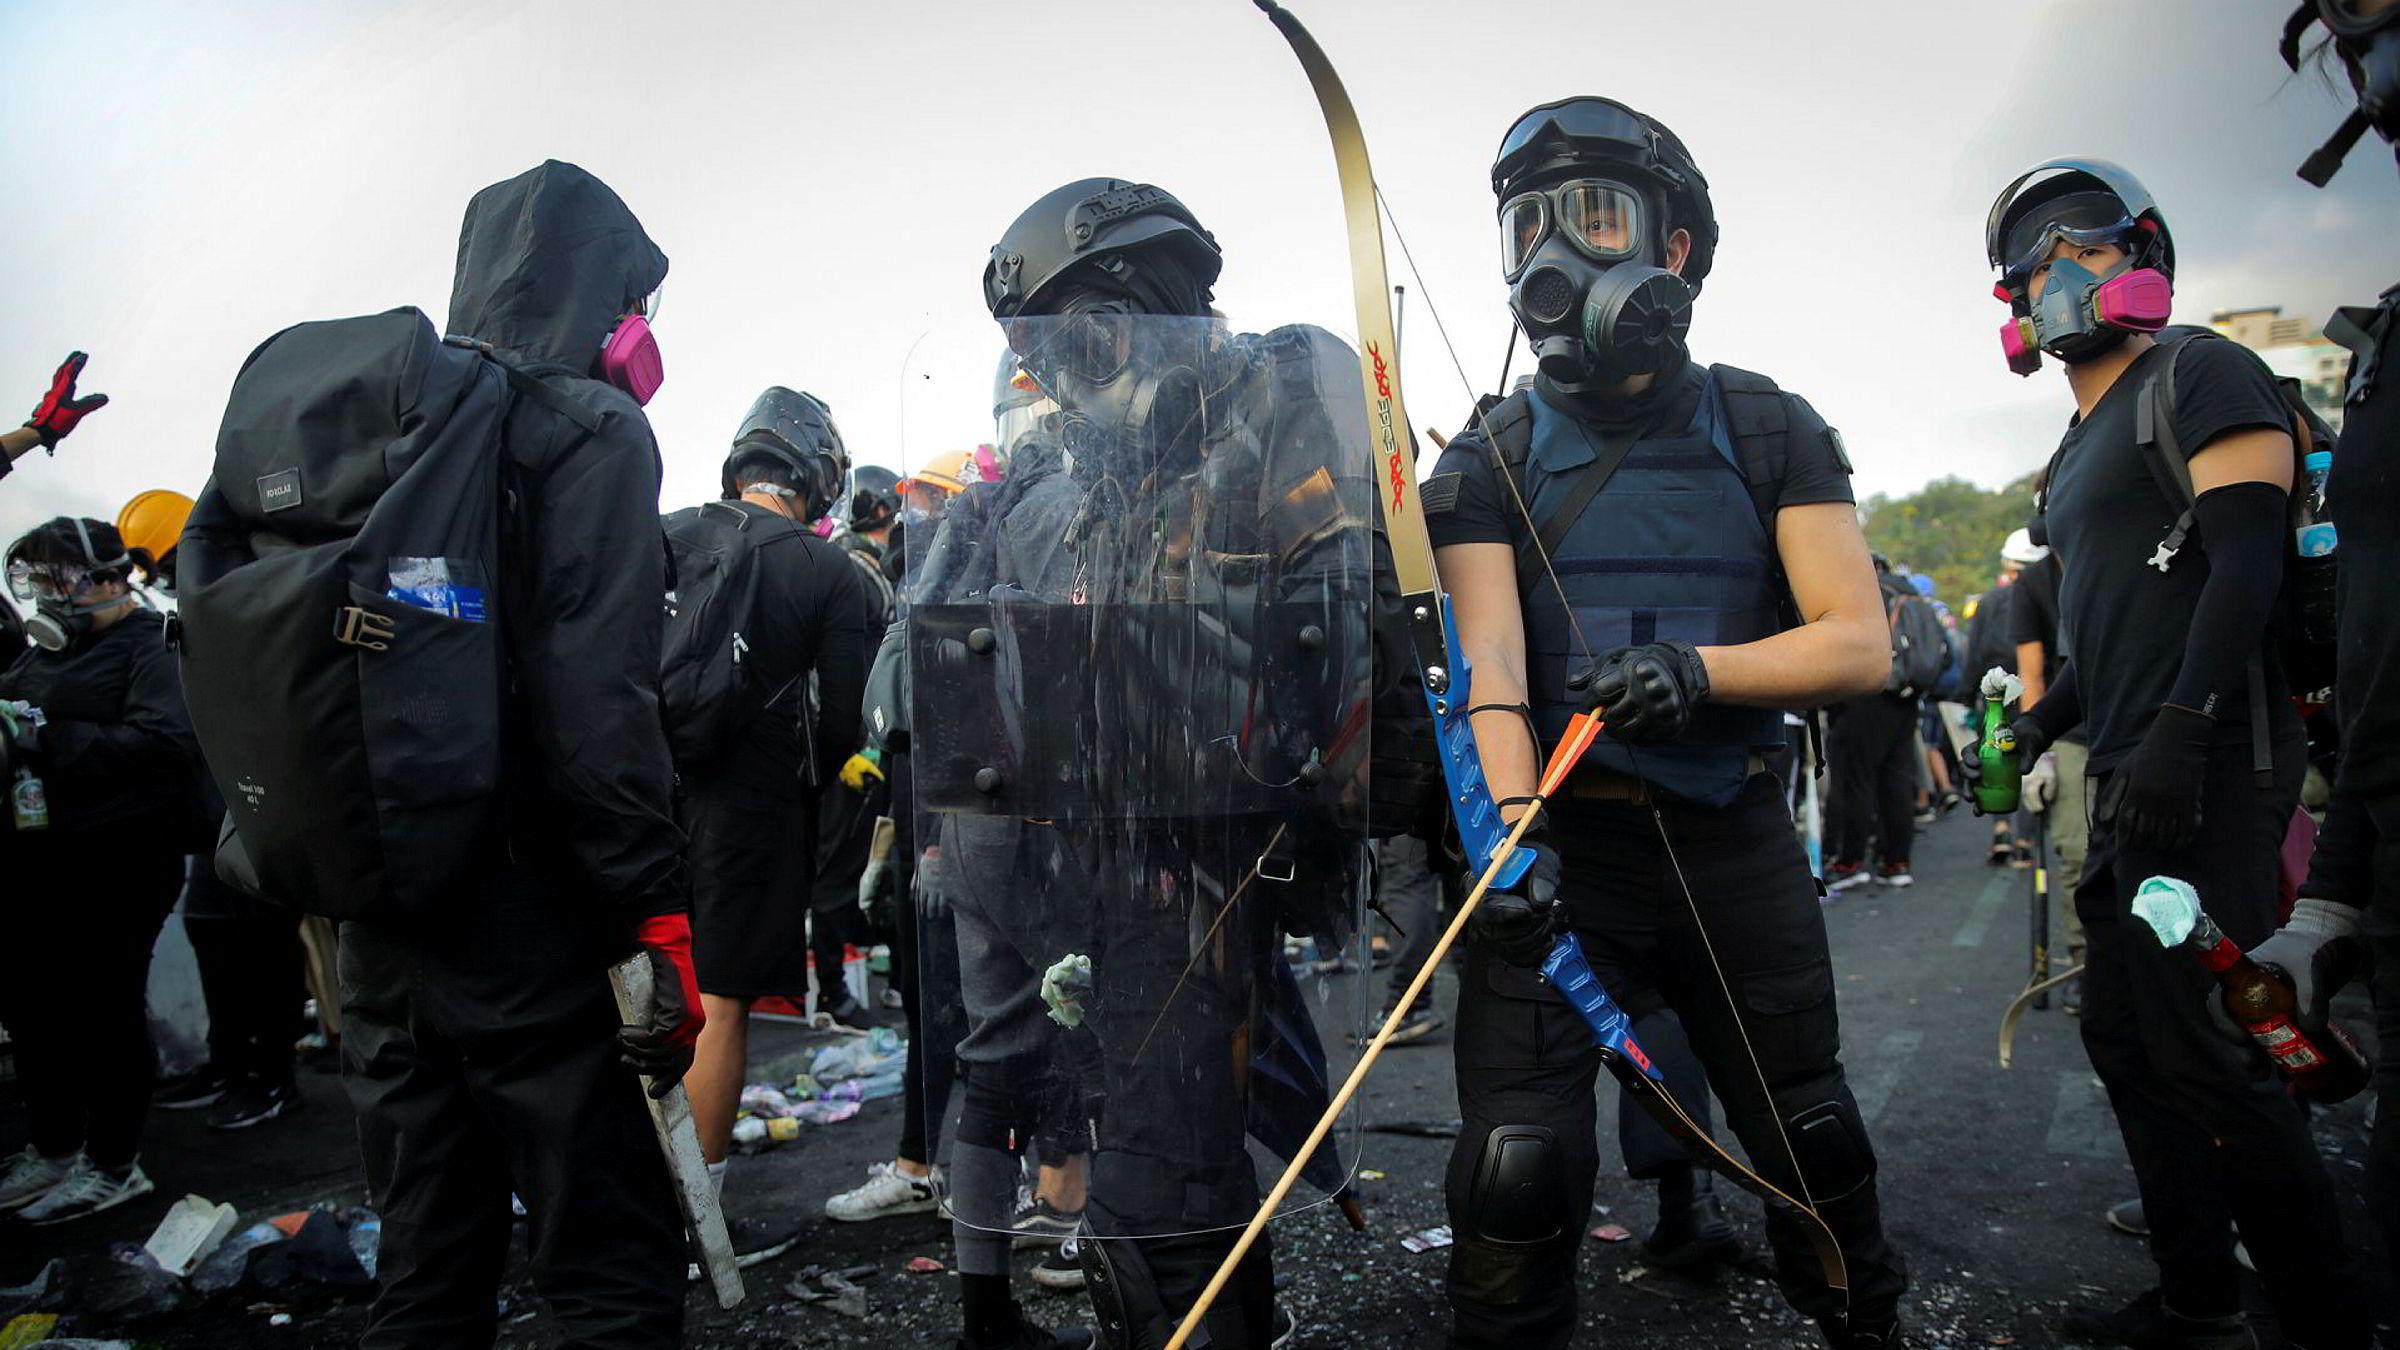 Studenter med hjemmelaget utstyr gjør seg klare for demonstrasjoner utenfor universitetet CUHK i Hongkong onsdag.